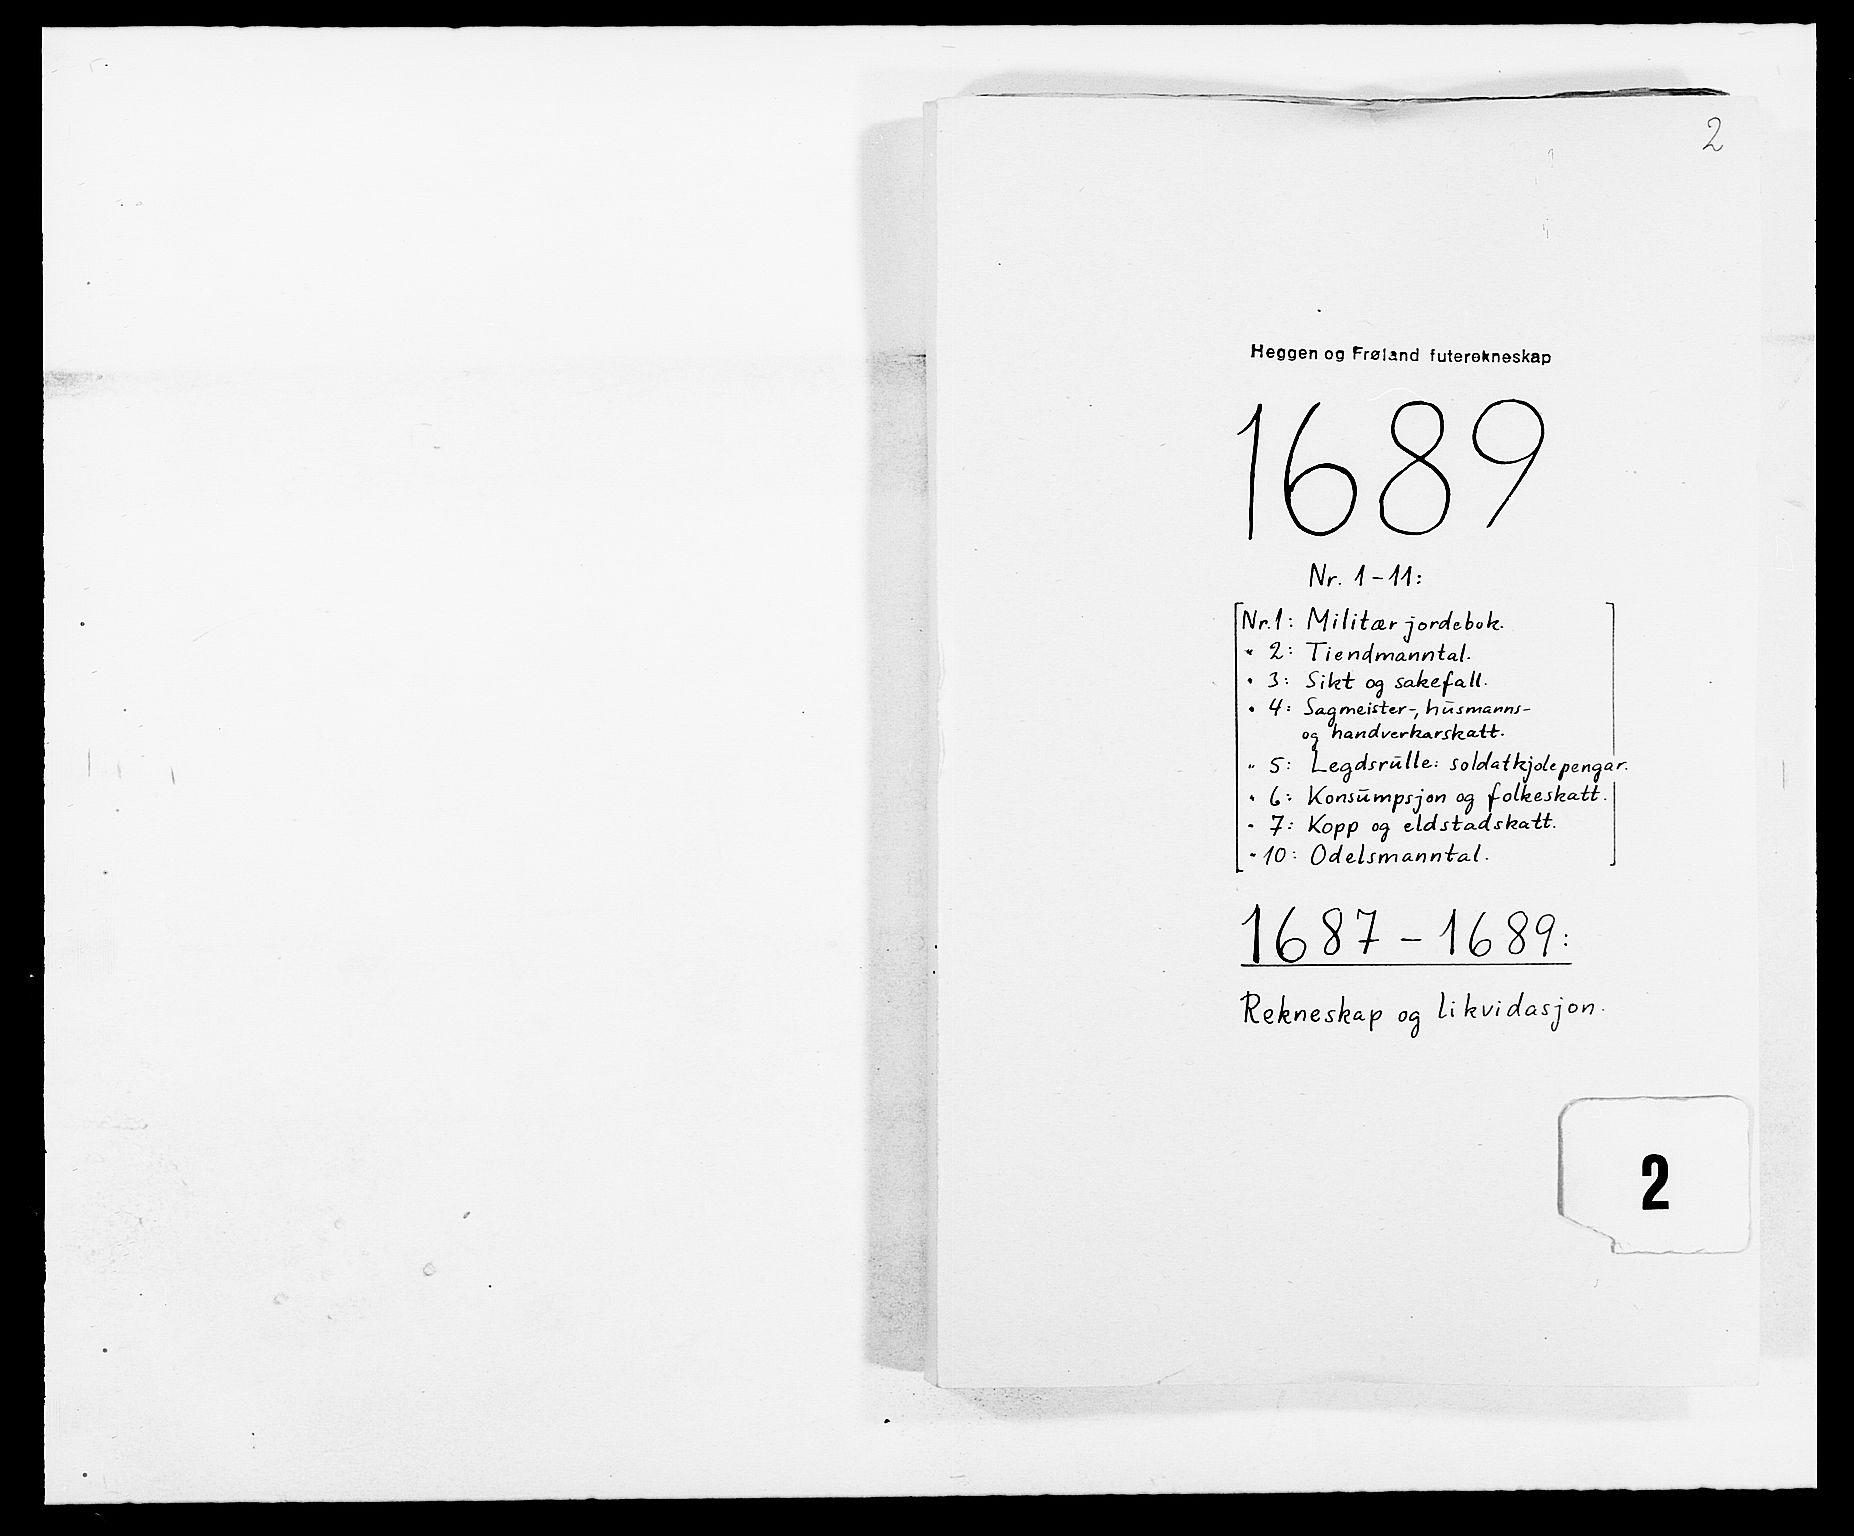 RA, Rentekammeret inntil 1814, Reviderte regnskaper, Fogderegnskap, R06/L0282: Fogderegnskap Heggen og Frøland, 1687-1690, s. 116